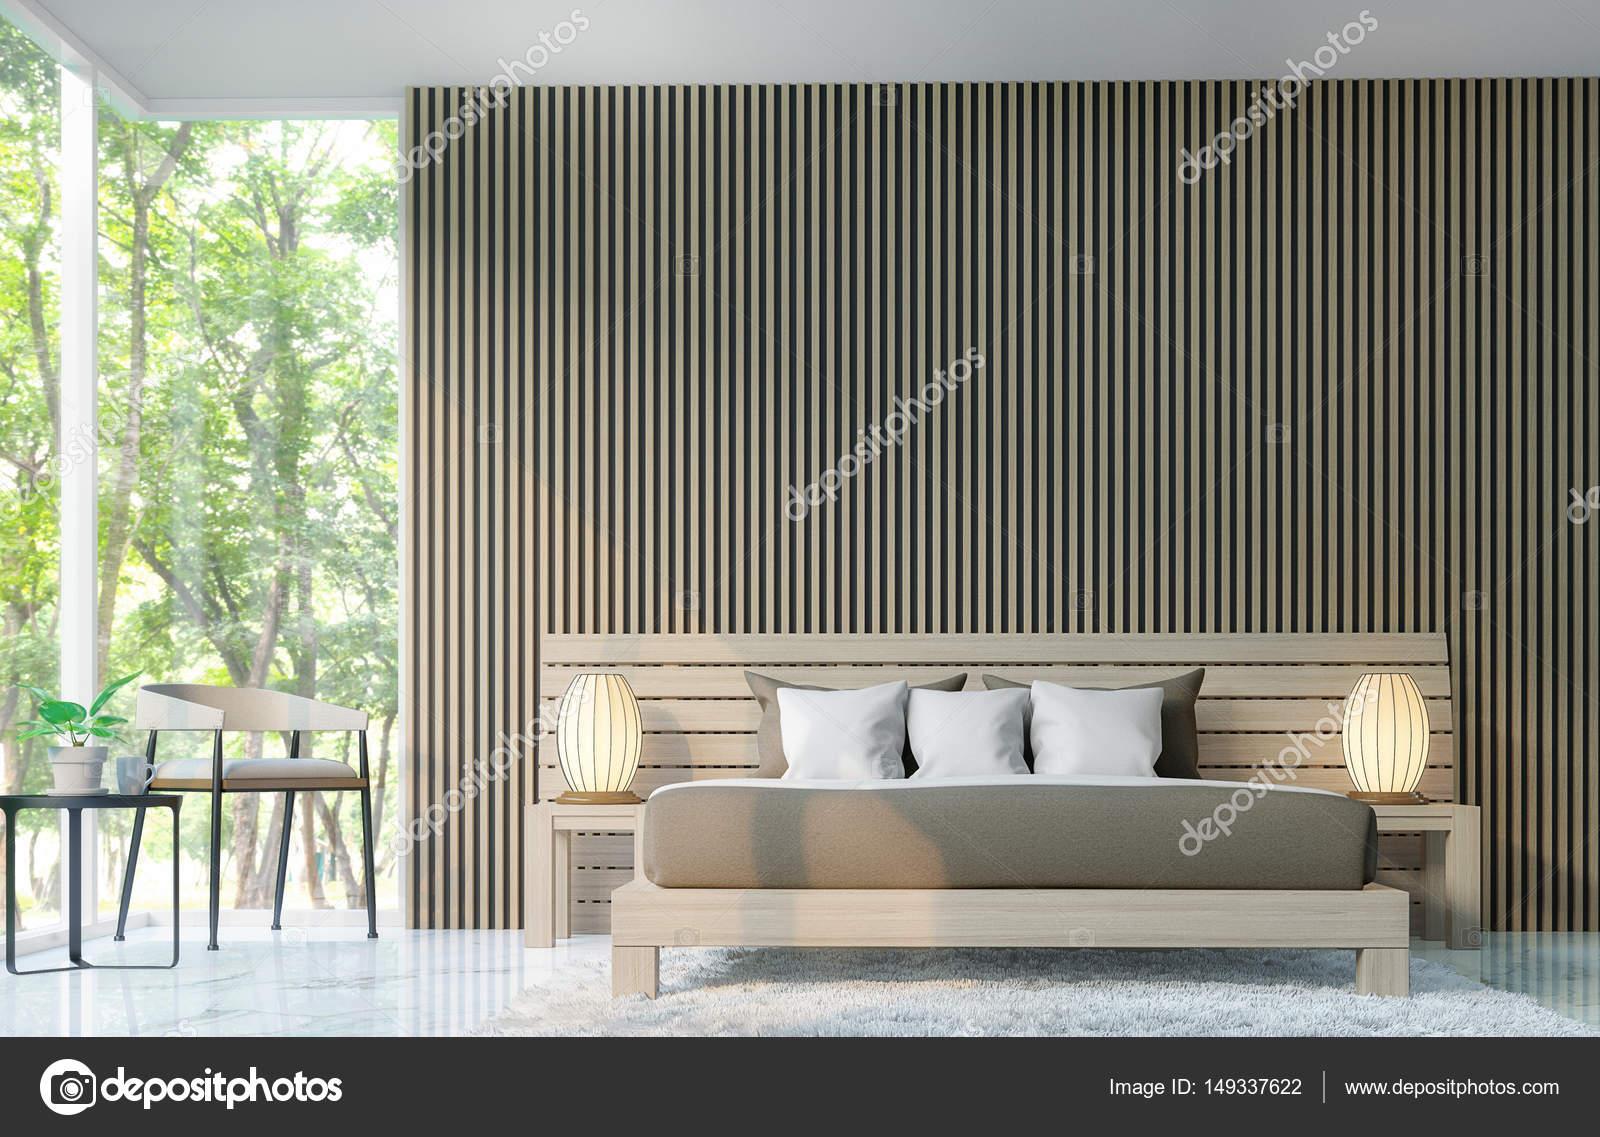 Moderne Schlafzimmer dekorieren Wände mit hölzernen Gitter 3d Render ...